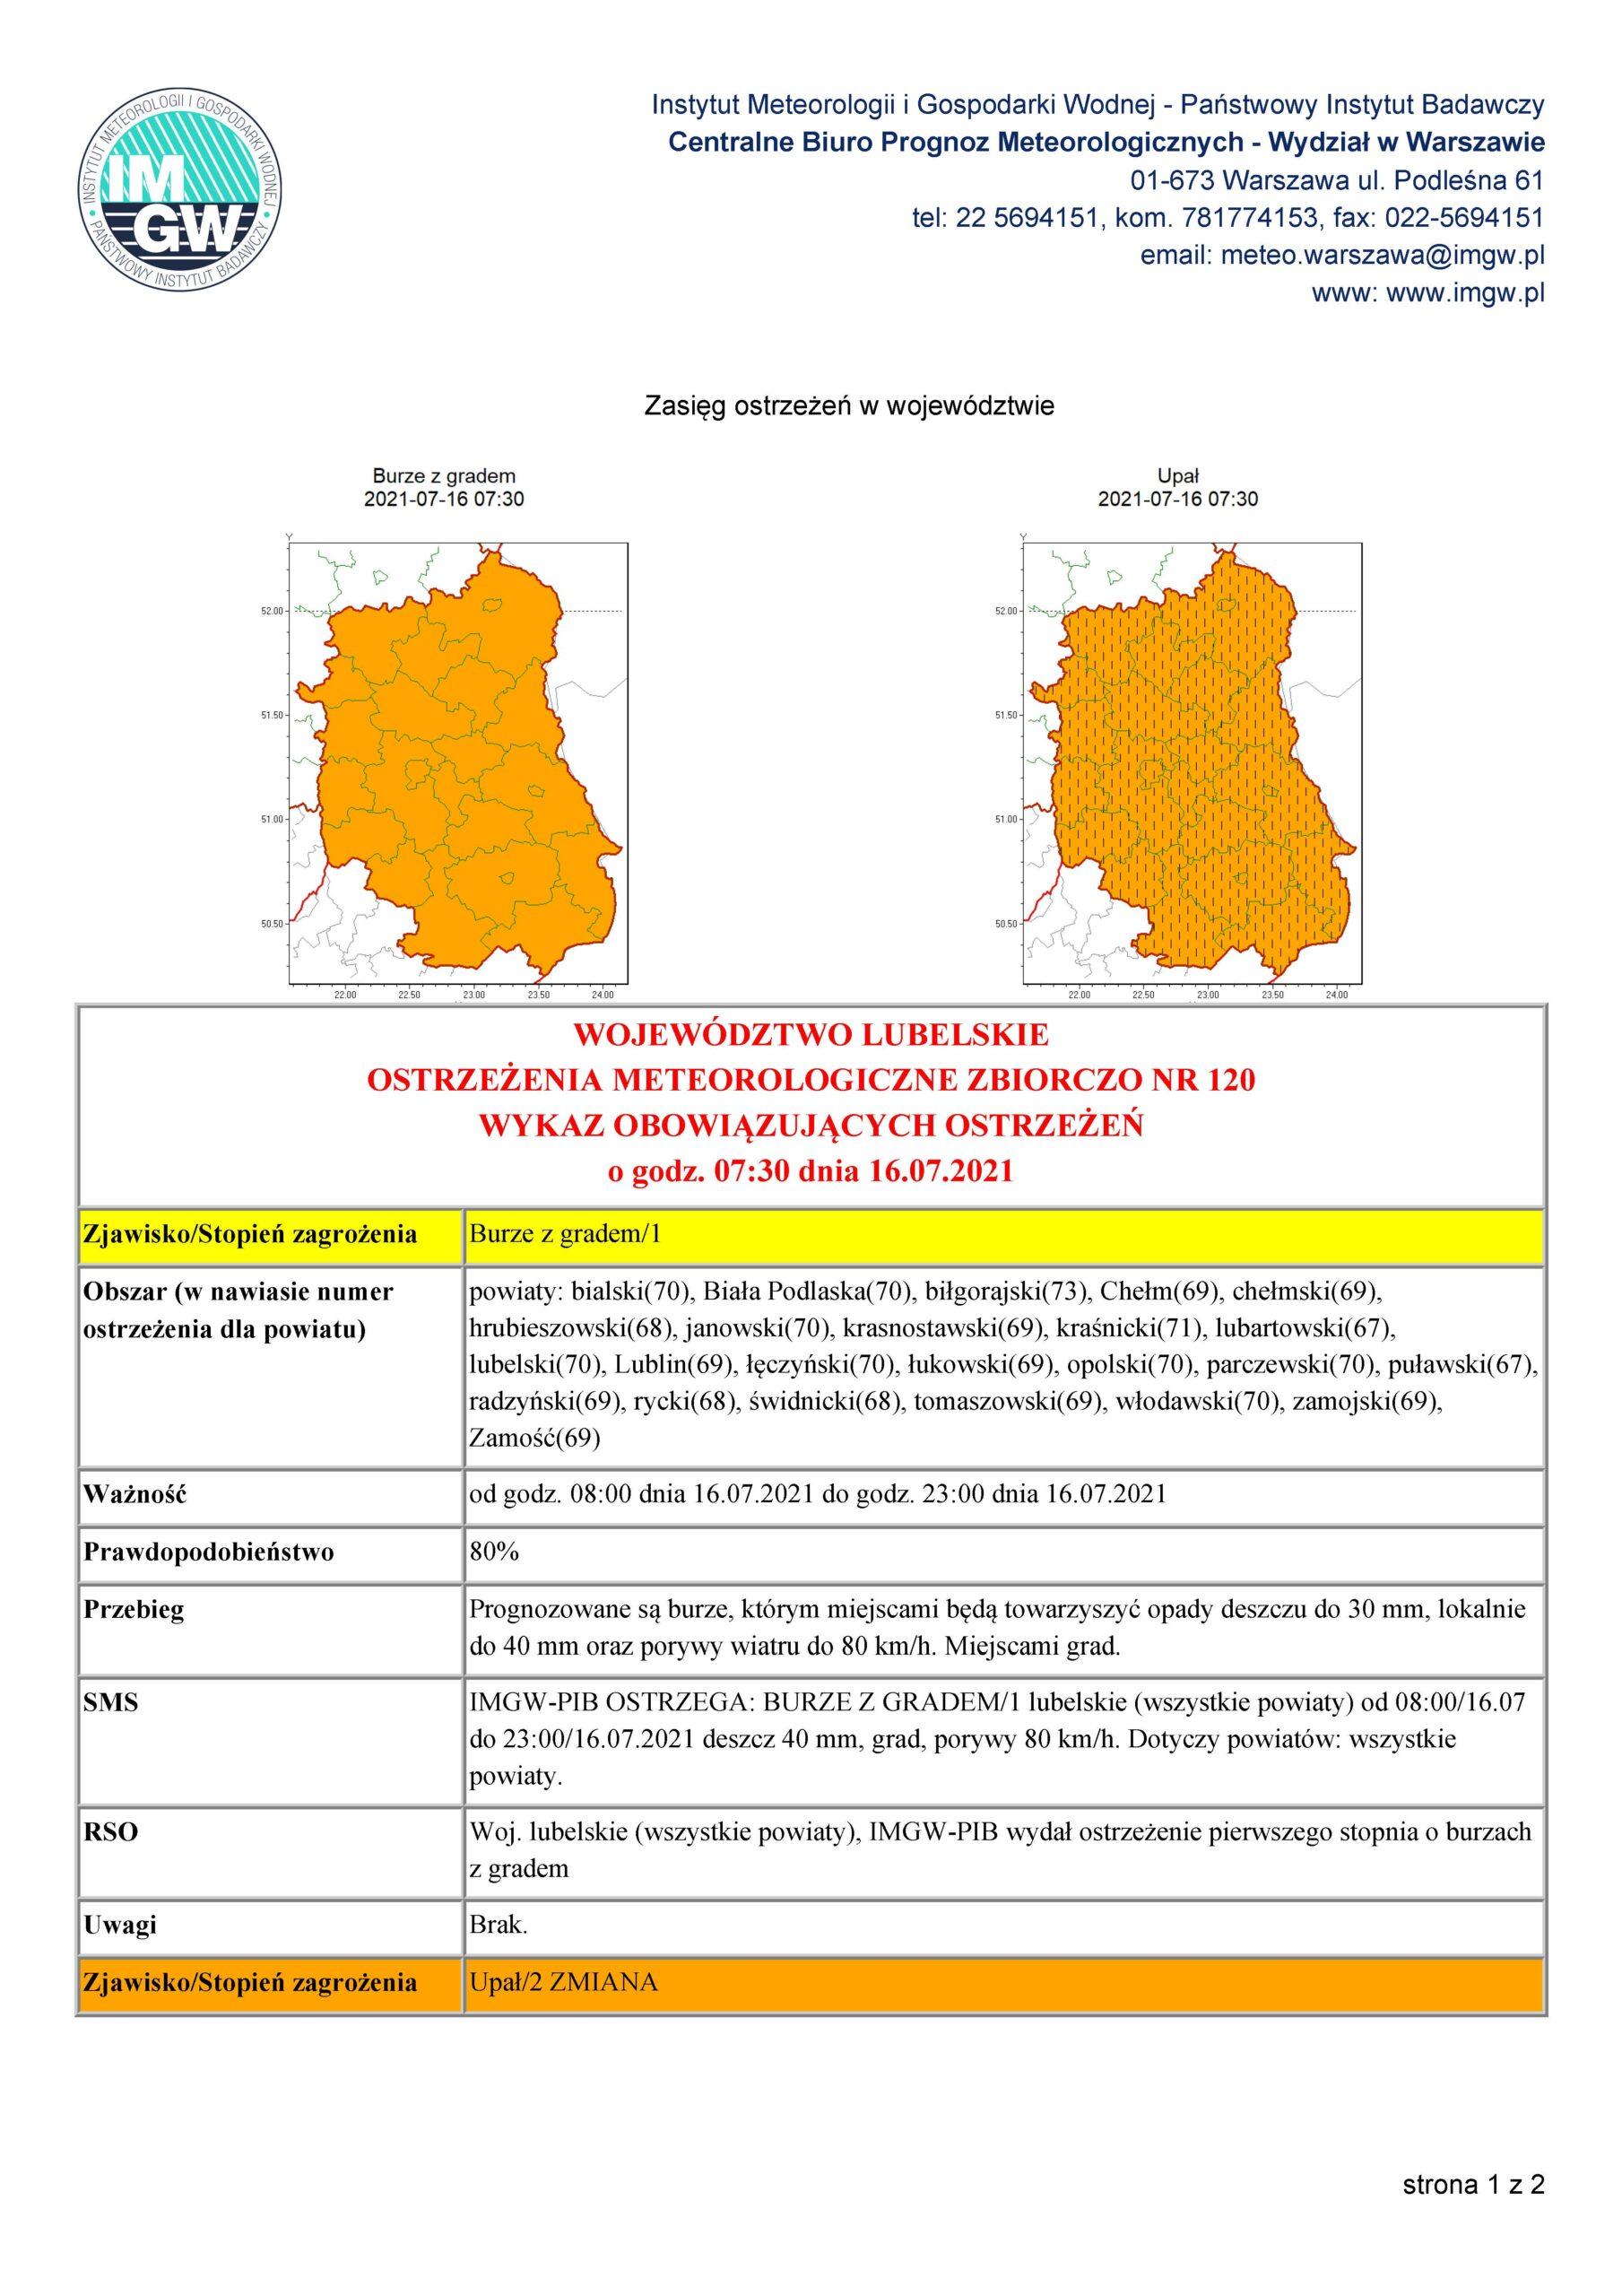 Ostrzeżenie meteorologiczne Nr 120 z dnia 16.07.2021 r.